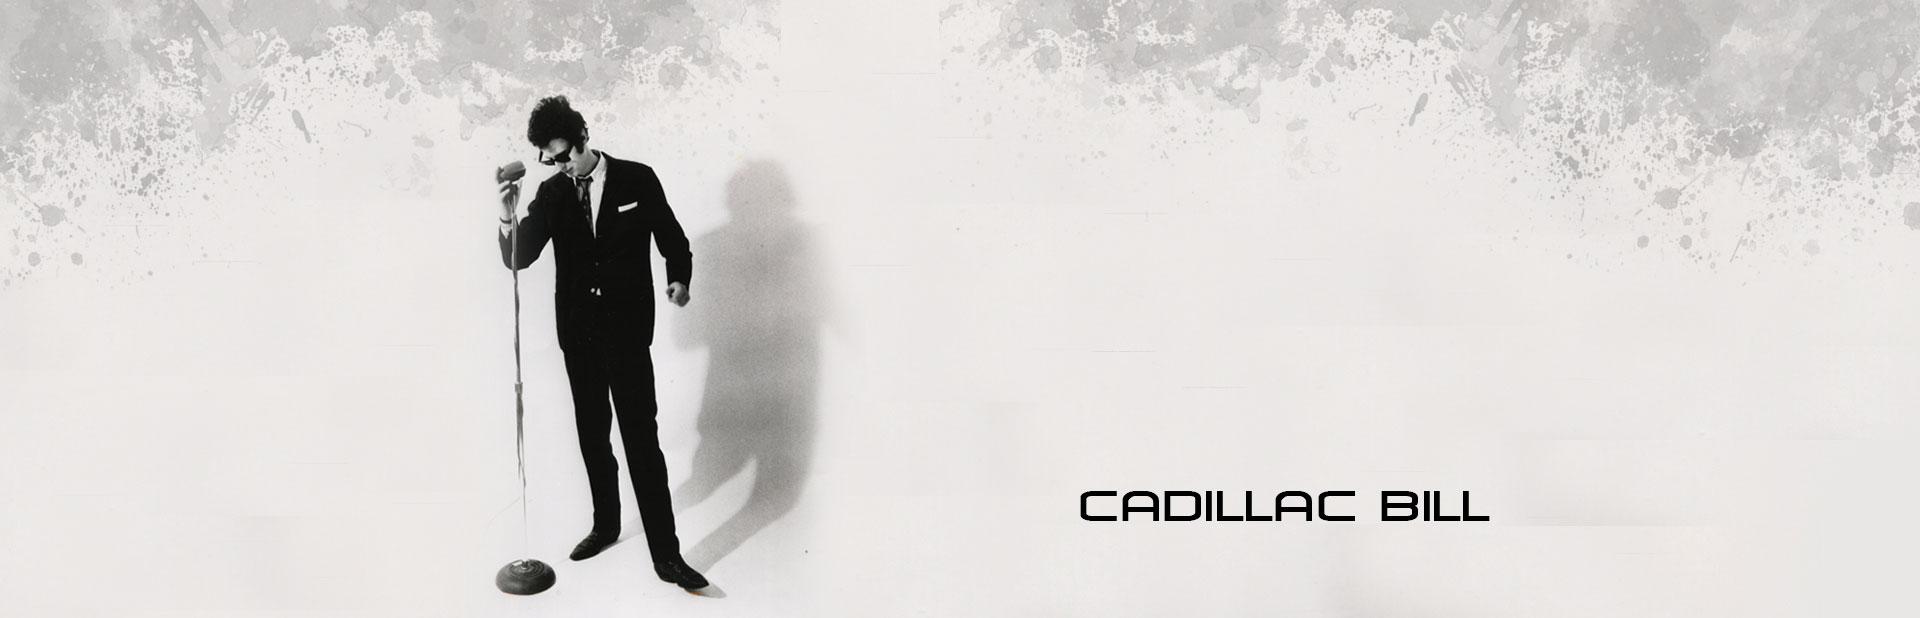 Cadillac Bill